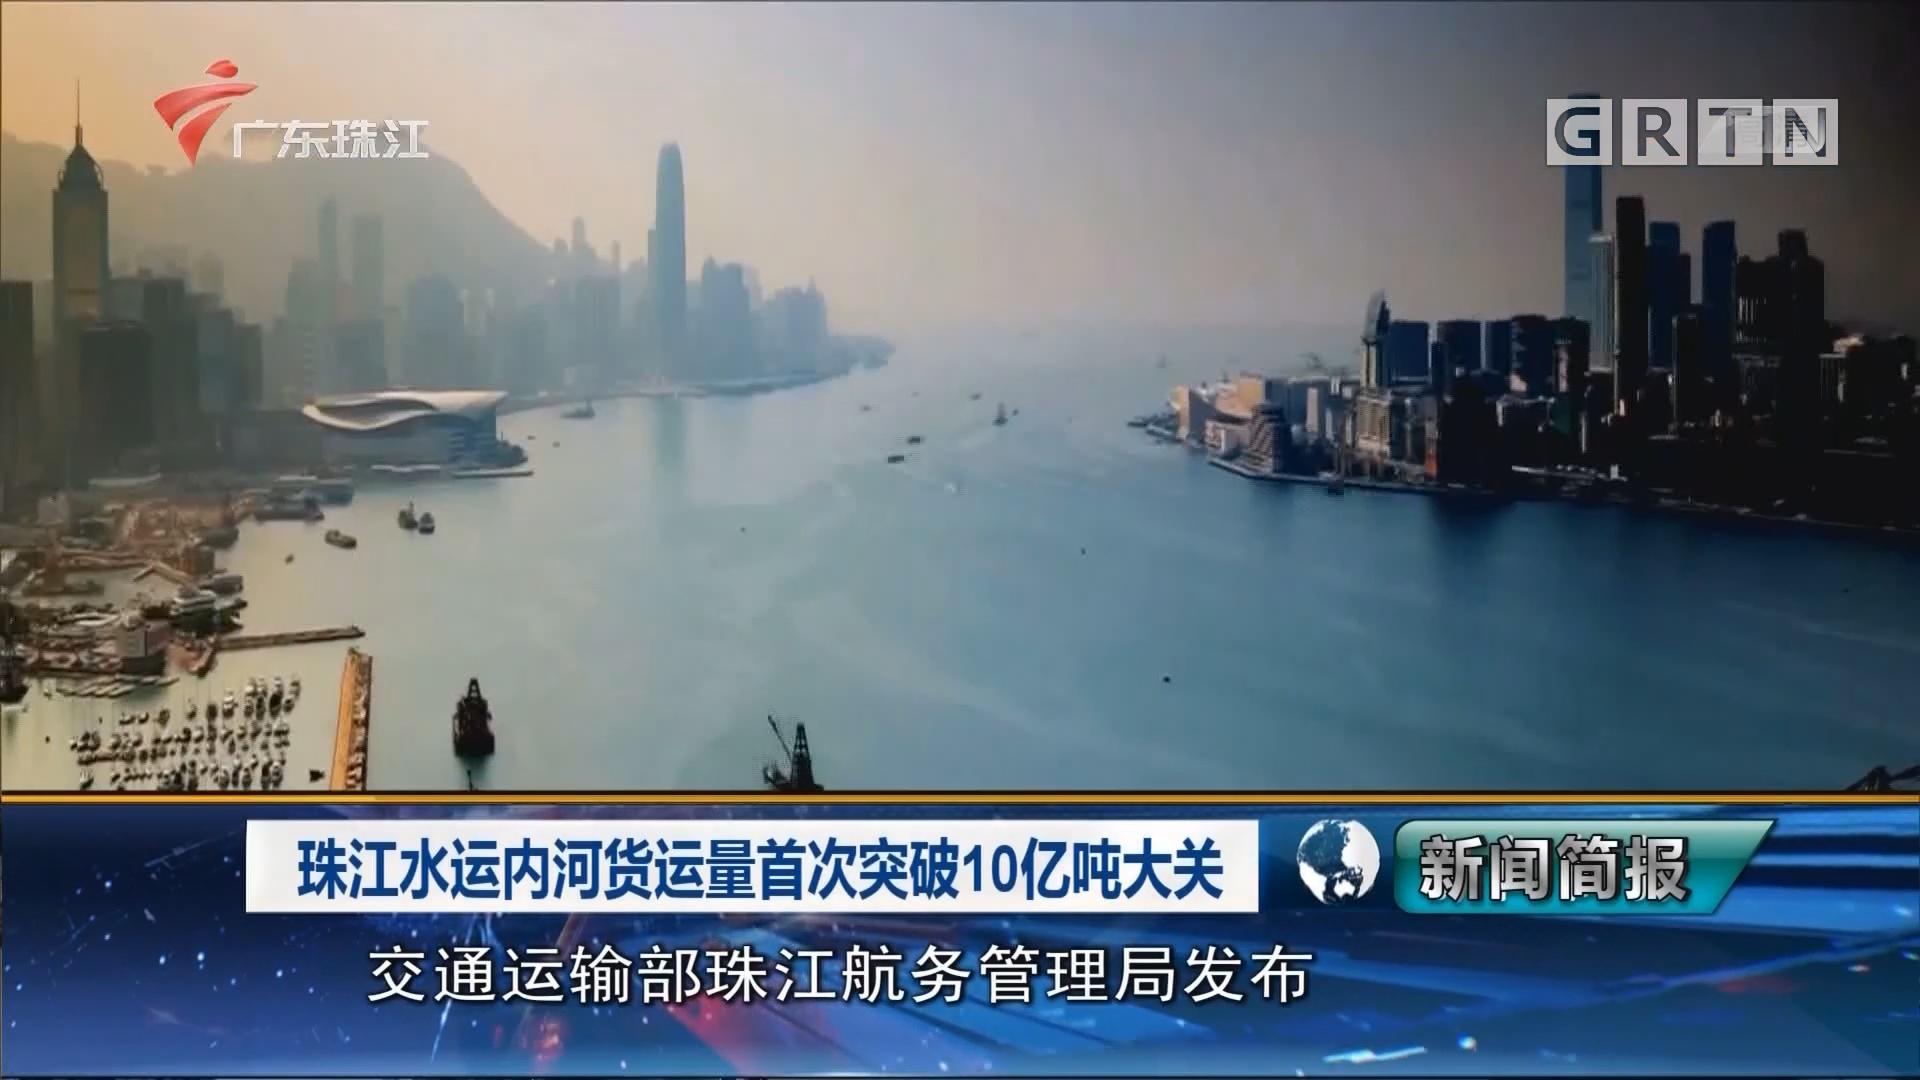 珠江水运内河货运量首次突破10亿吨大关